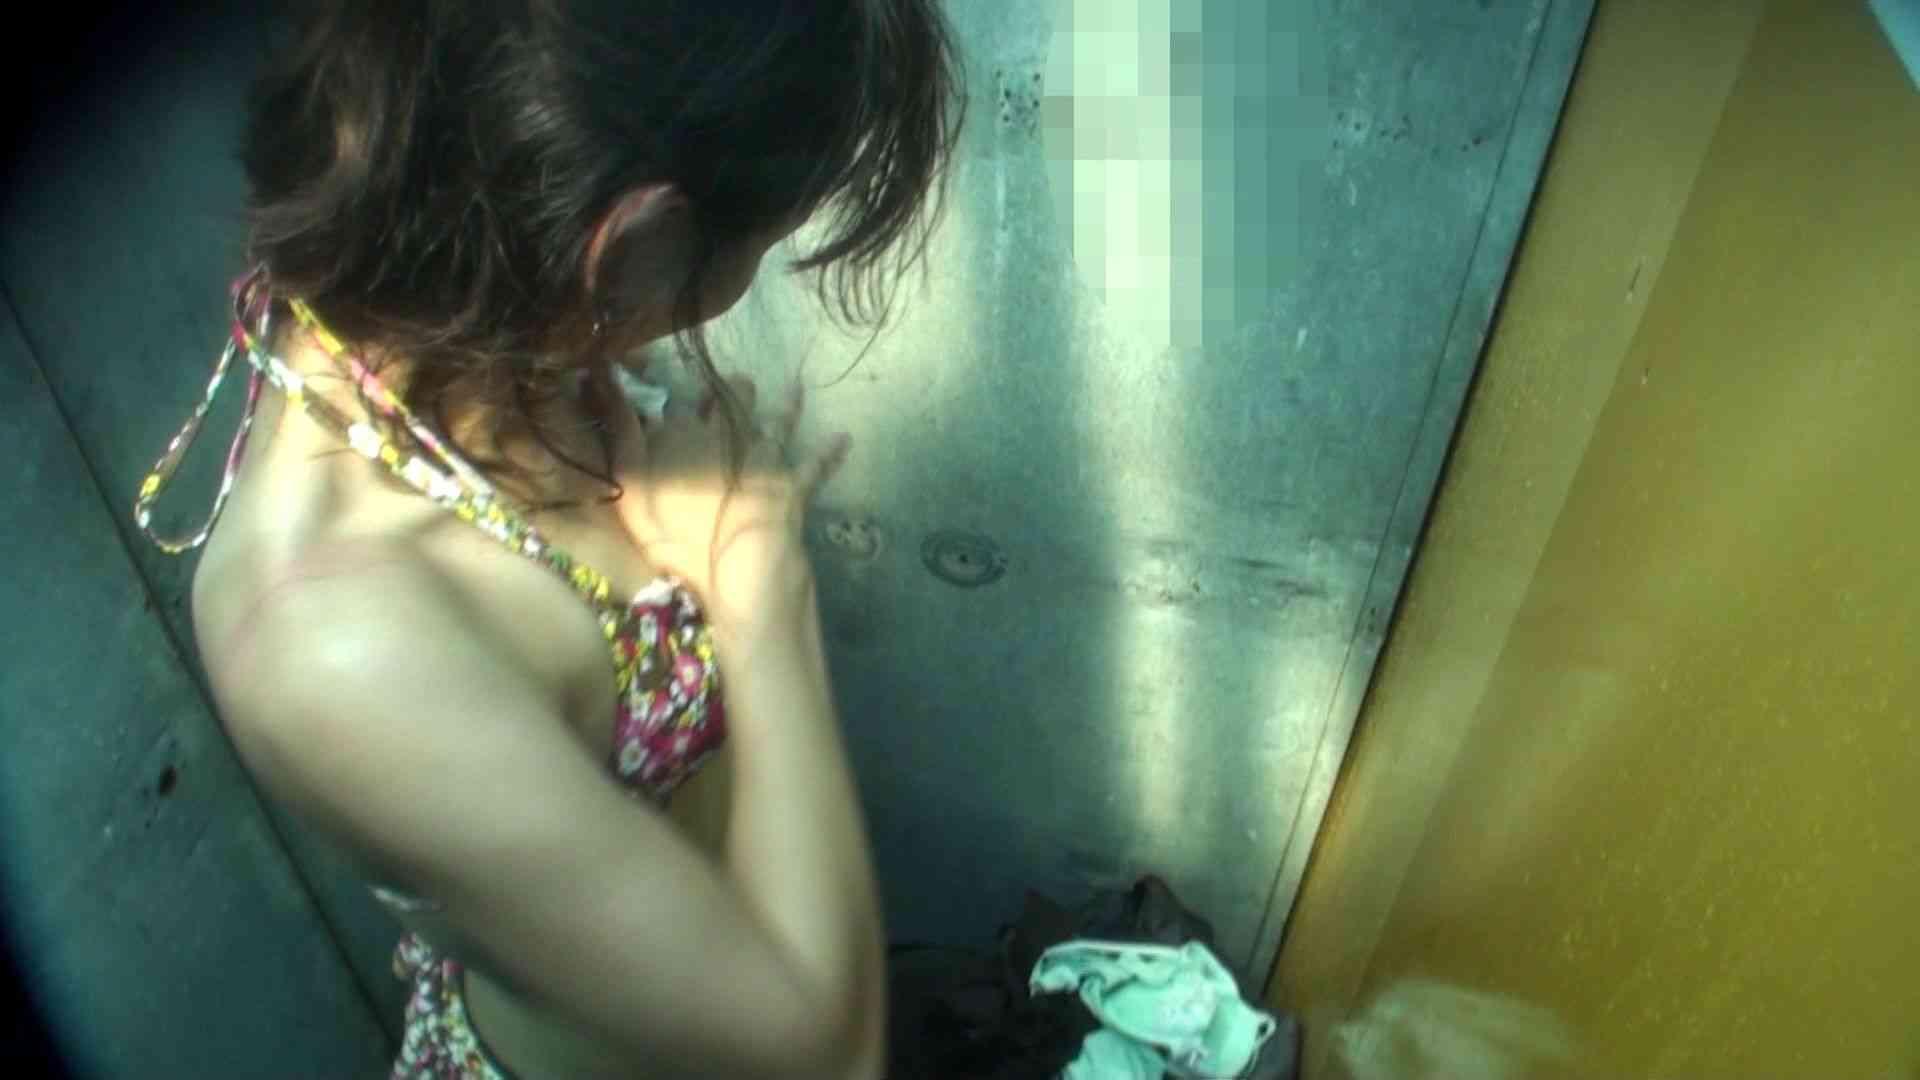 シャワールームは超!!危険な香りVol.16 意外に乳首は年増のそれ シャワー 戯れ無修正画像 44連発 23